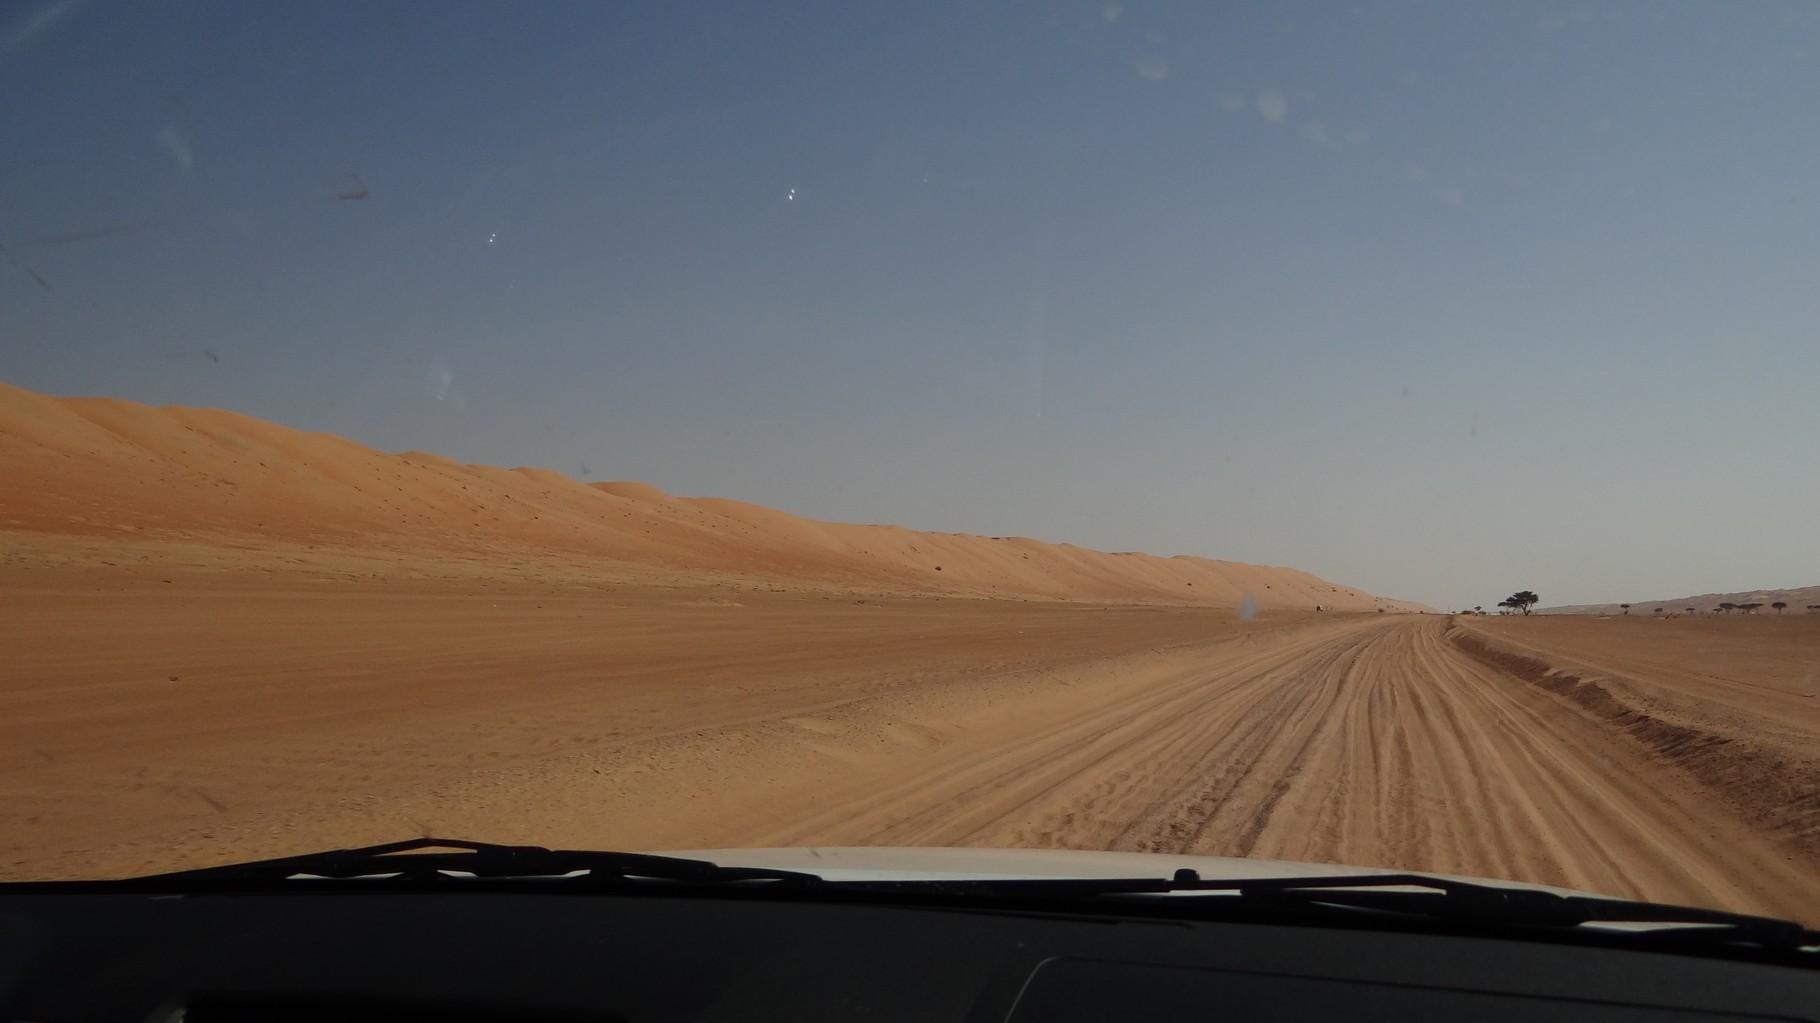 Unterwegs zum Wüstencamp